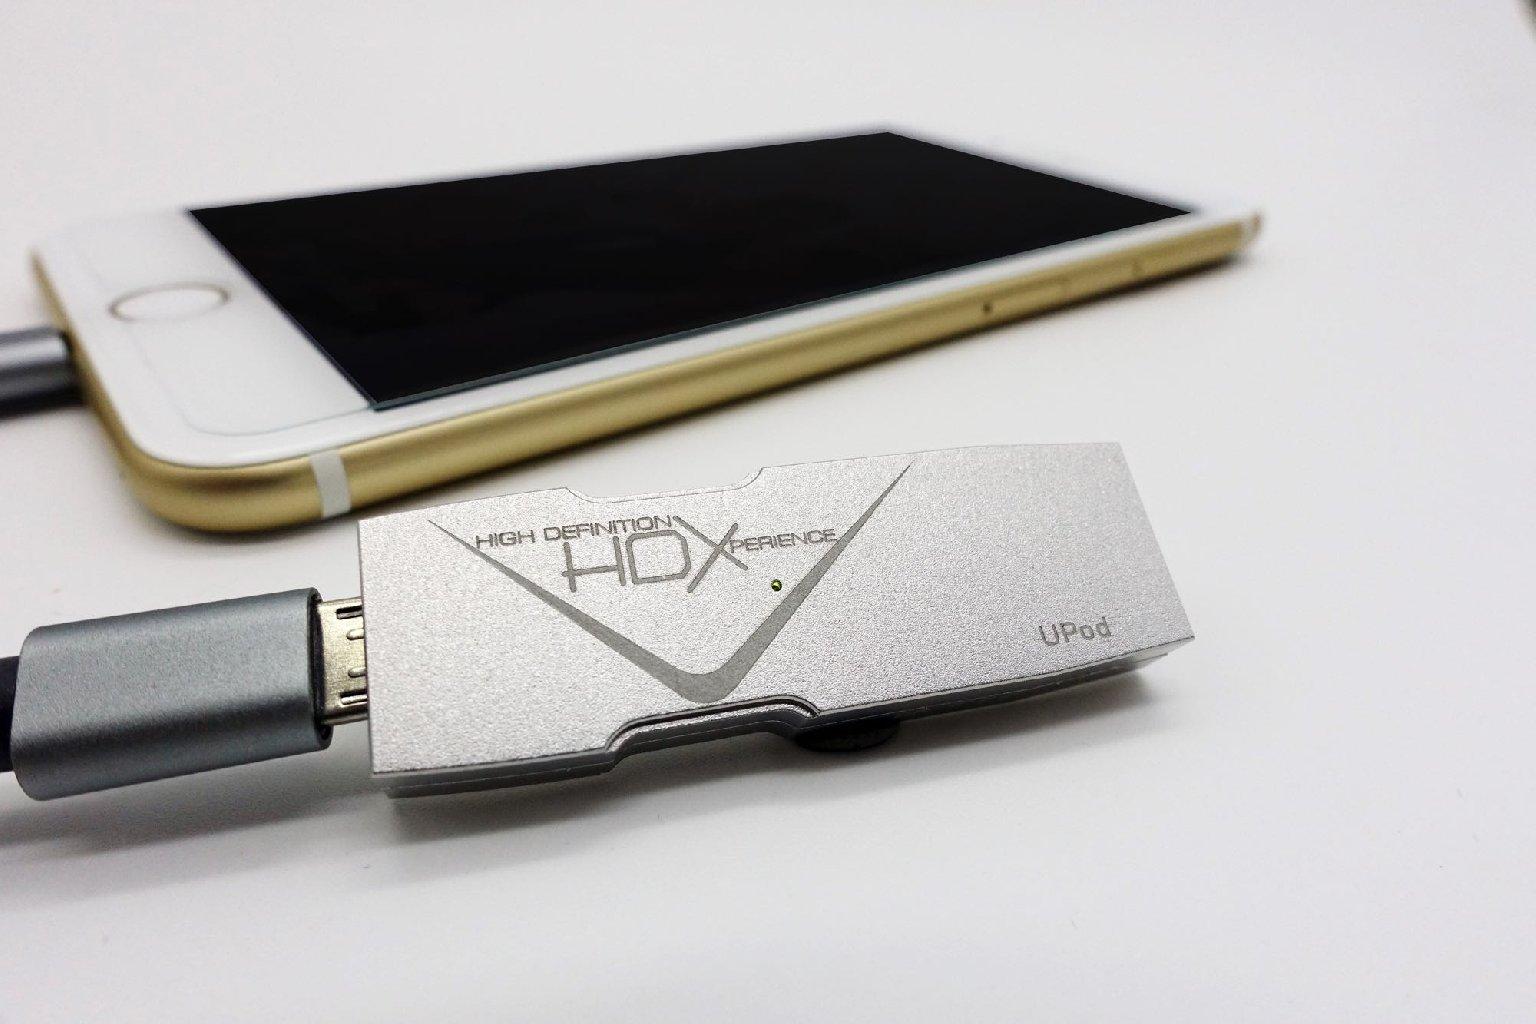 專為手機而設 HDX UPod DAC 解碼器細如手指